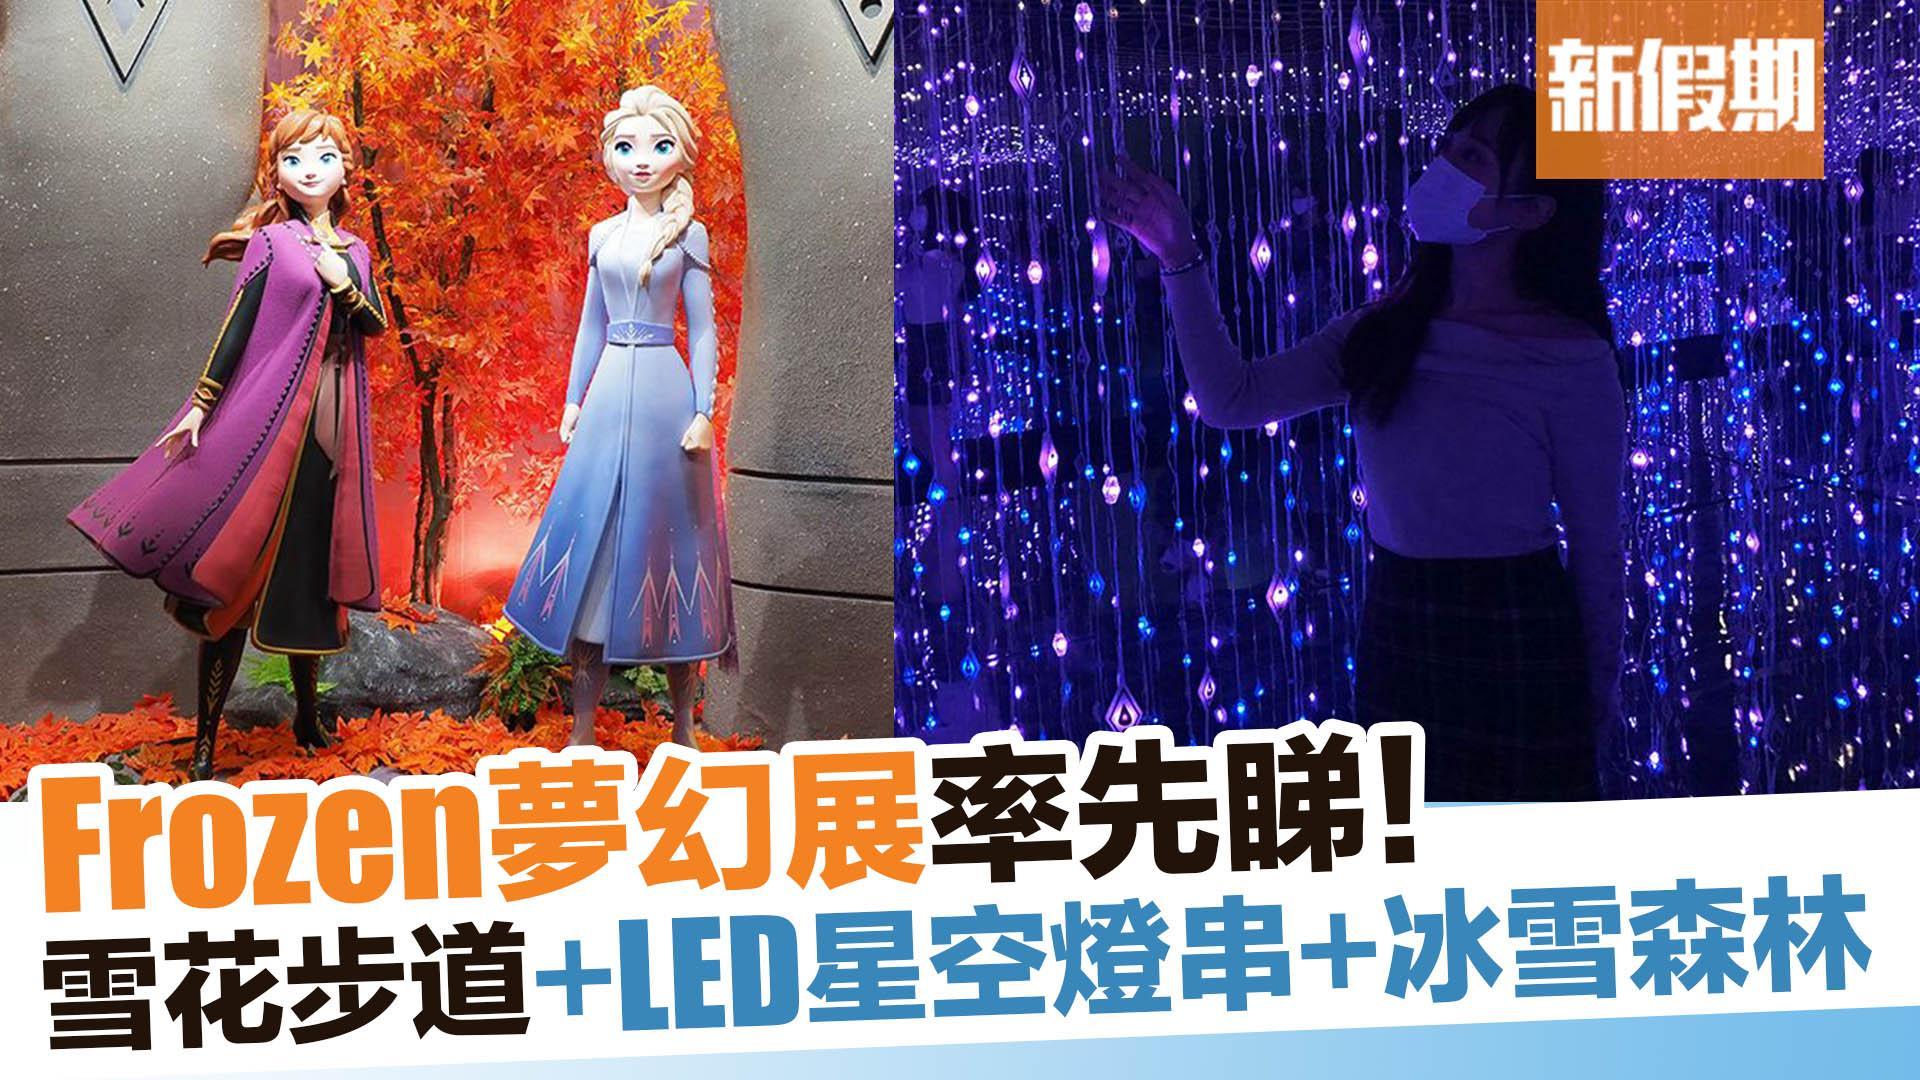 【香港好去處】《Frozen夢幻特展》率先睇! 新假期